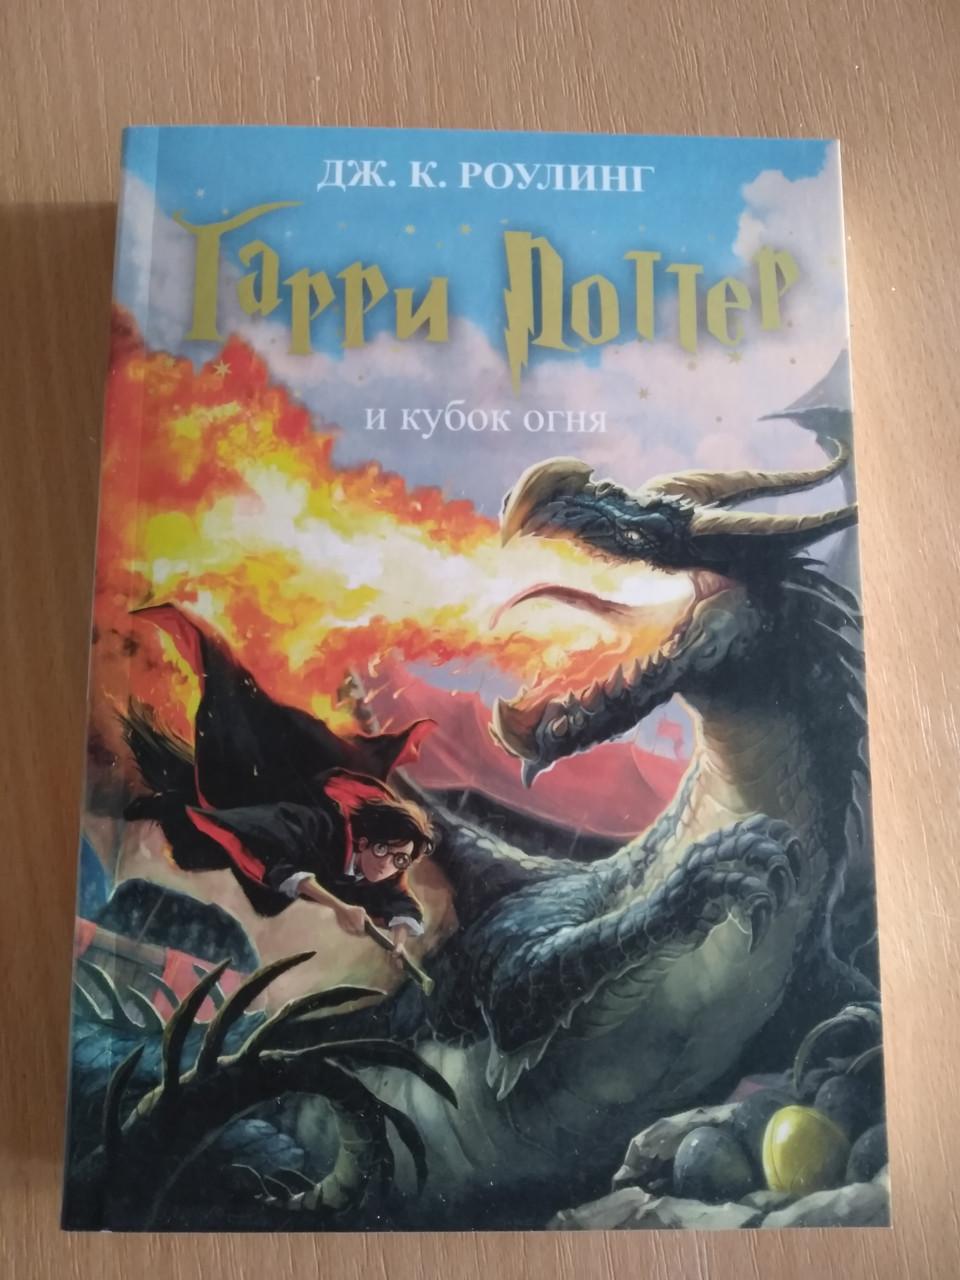 Роулинг - Гарри Поттер и кубок огня (Рус): продажа, цена в ...